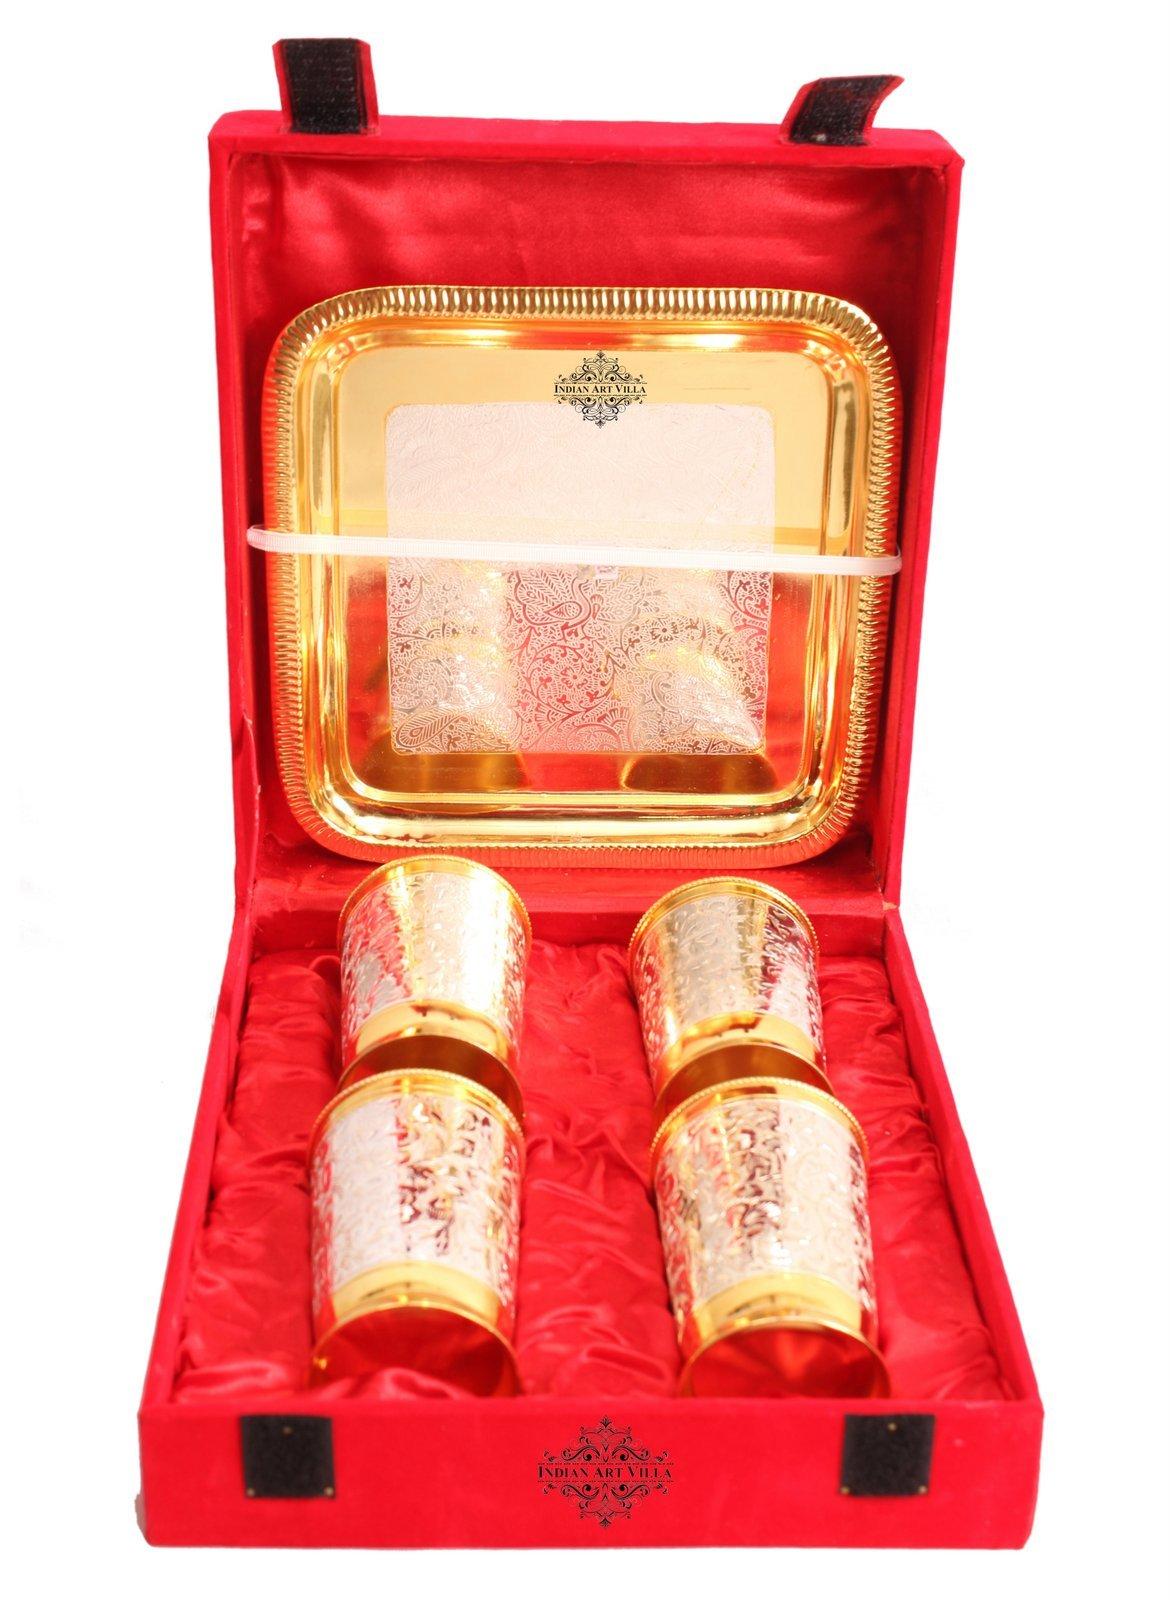 Indian Art Villa Set of 4 Designed Silver Plated Gold Polished Glasses Goblets - Serving Water Home Hotels Restaurants Tableware Gift Item